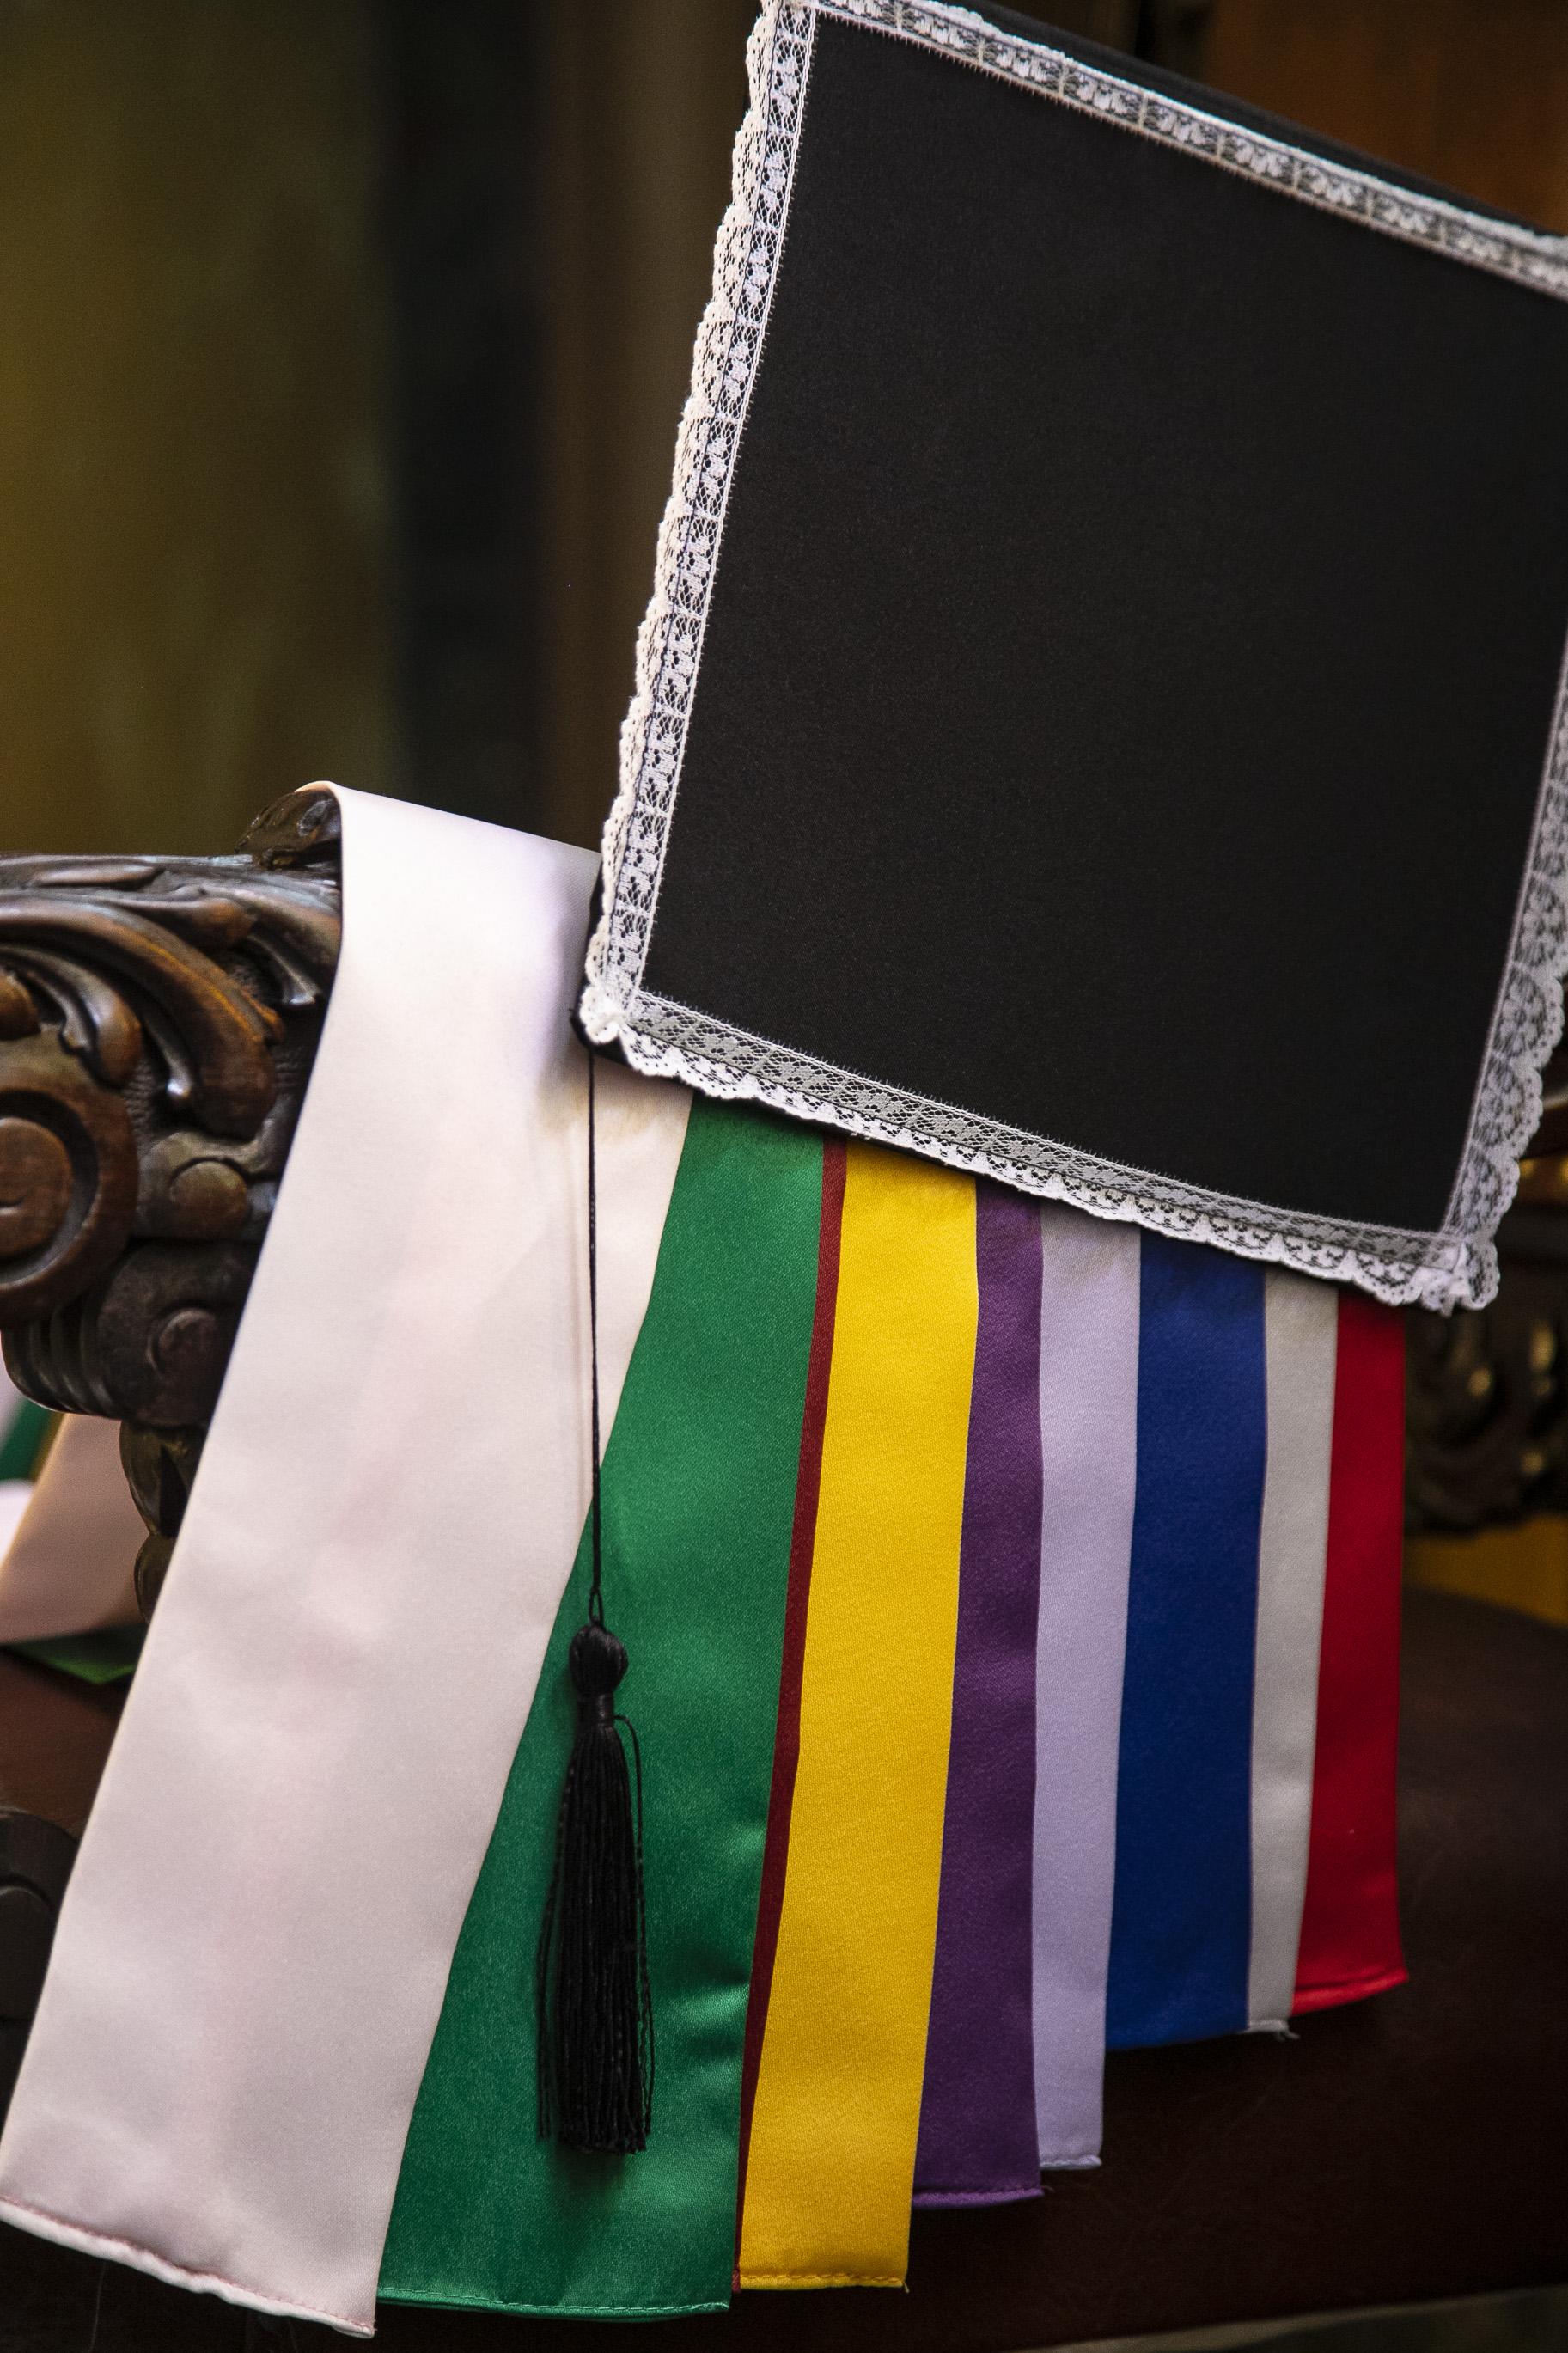 9 - beca tradicional com capelo, faixa, cordão e jabô